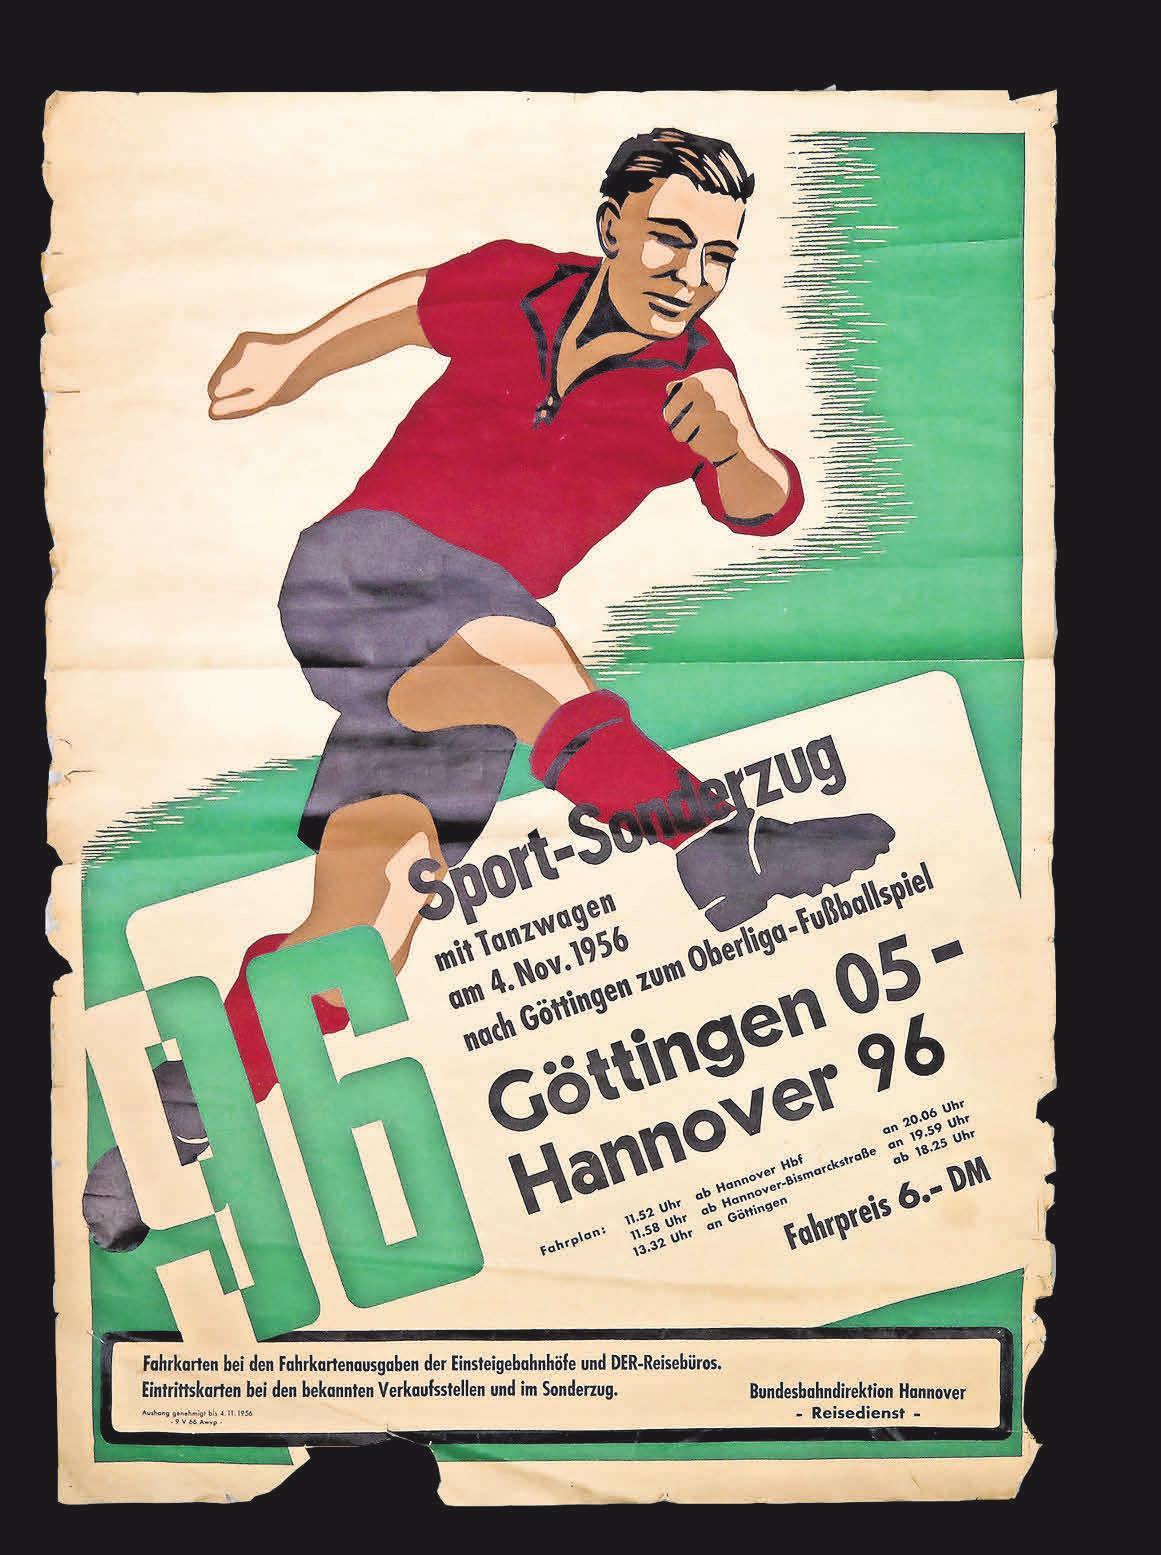 ENTSCHULDINGEN SIE, IST DAS DER SONDERZUG NACH GÖTTINGEN? Mit Tanzwagen ging es im Jahr 1956 nach Südniedersachsen, wovon dieses Spielankündigungsplakat zeugt. Florian Petrow